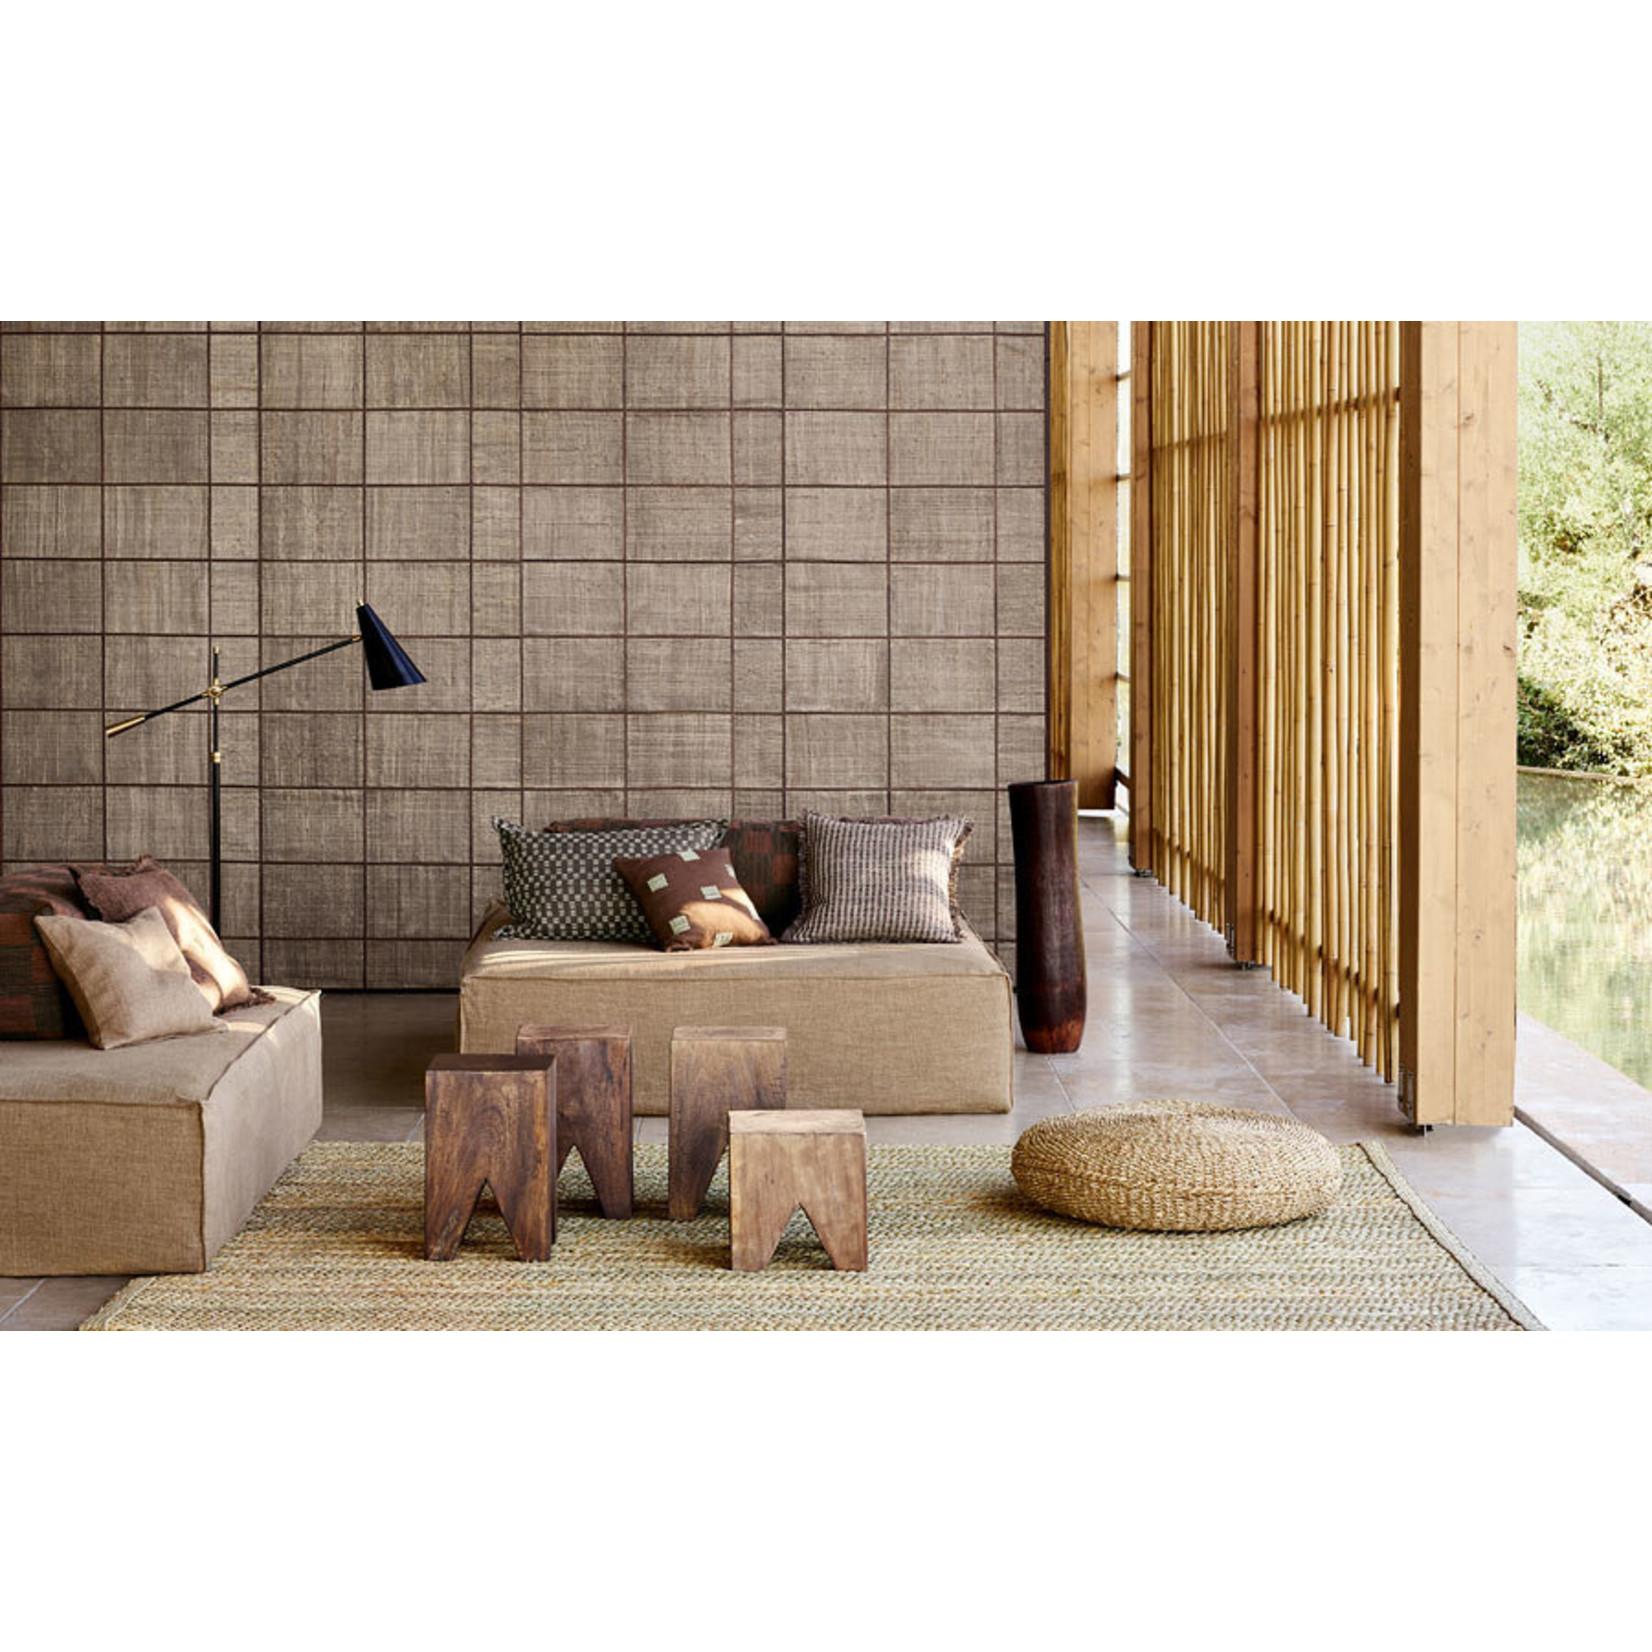 Mark Alexander Collage de revêtements muraux fabriqués à la main | Grille Naturel